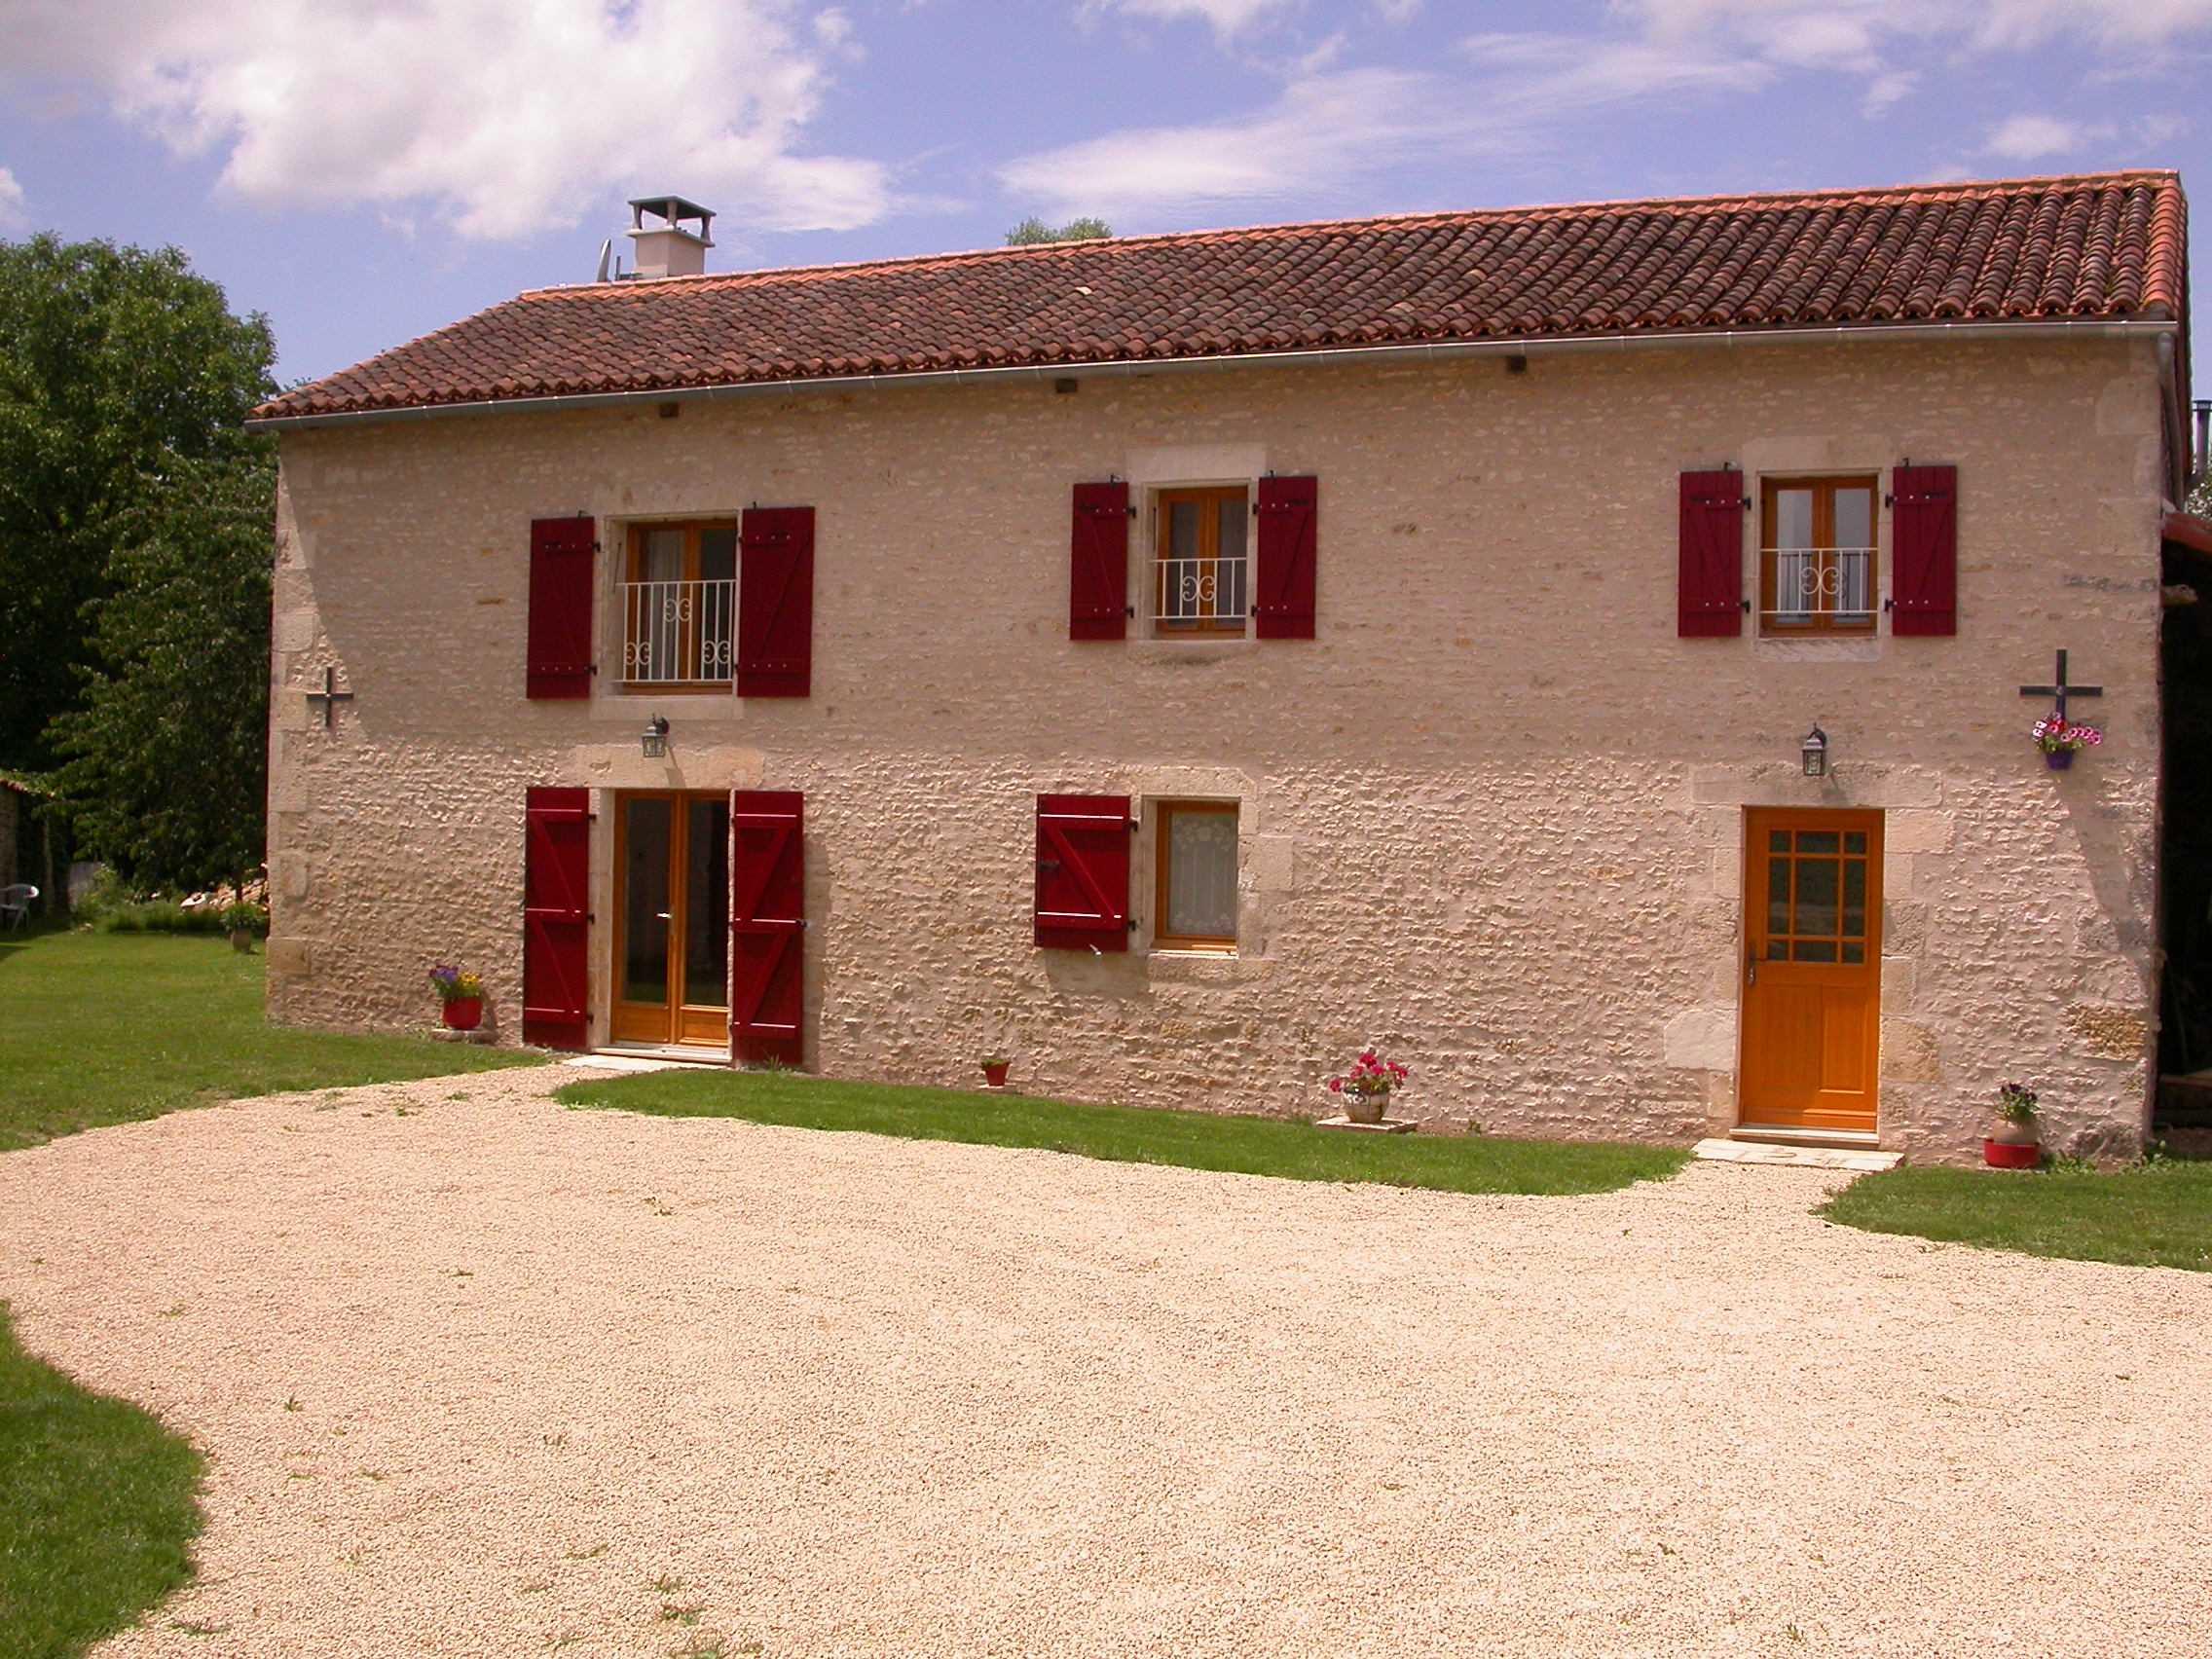 Gite l'écurie du moulin neuf-Gite-l-ecurie-du-moulin-neuf-a-Usson-du-Poitou